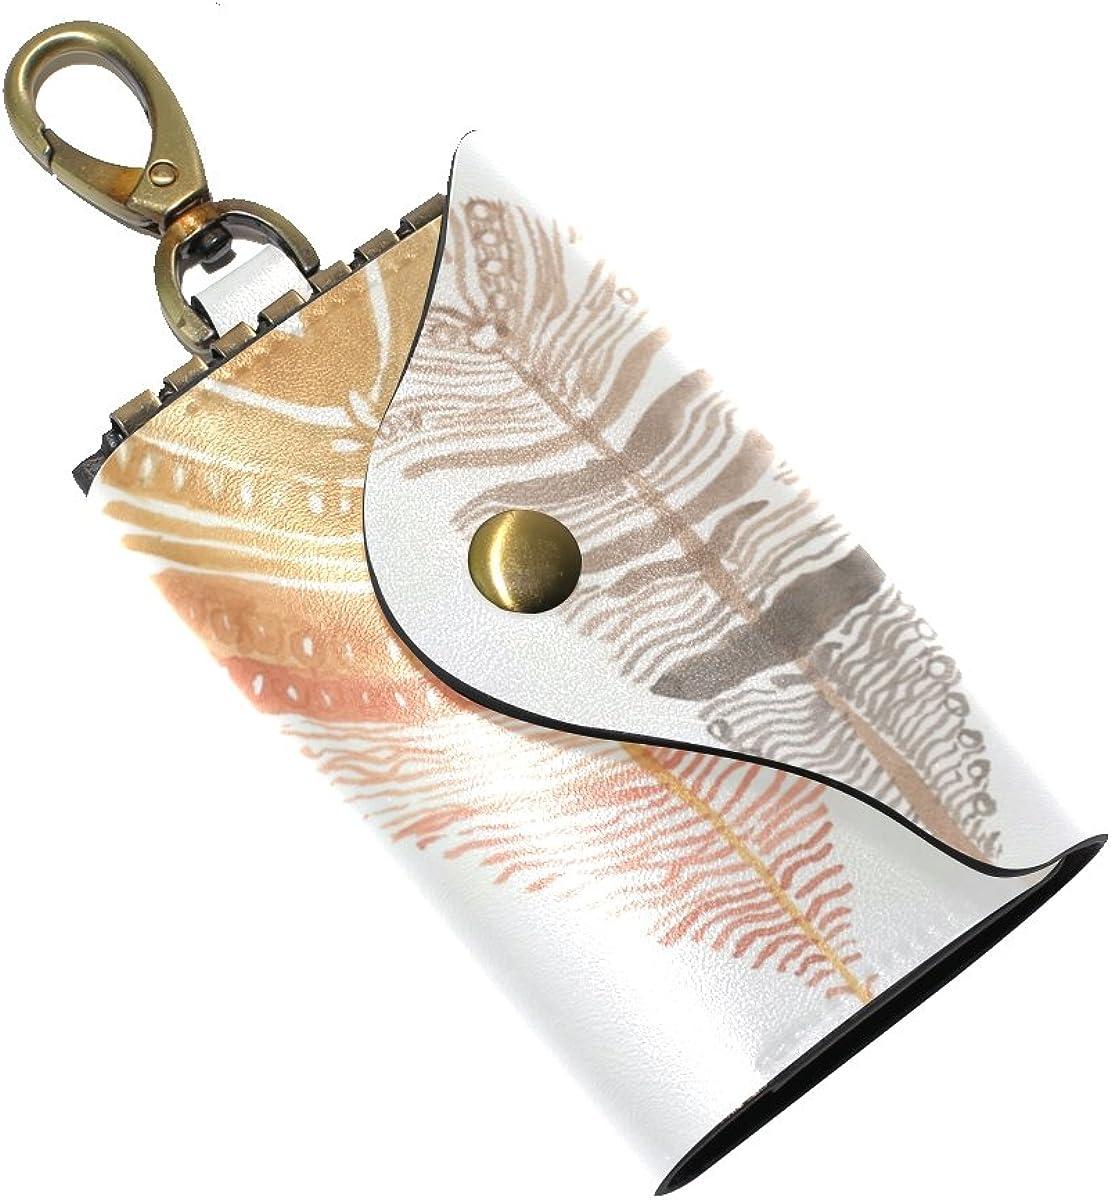 DEYYA Three Feathers Leather Key Case Wallets Unisex Keychain Key Holder with 6 Hooks Snap Closure